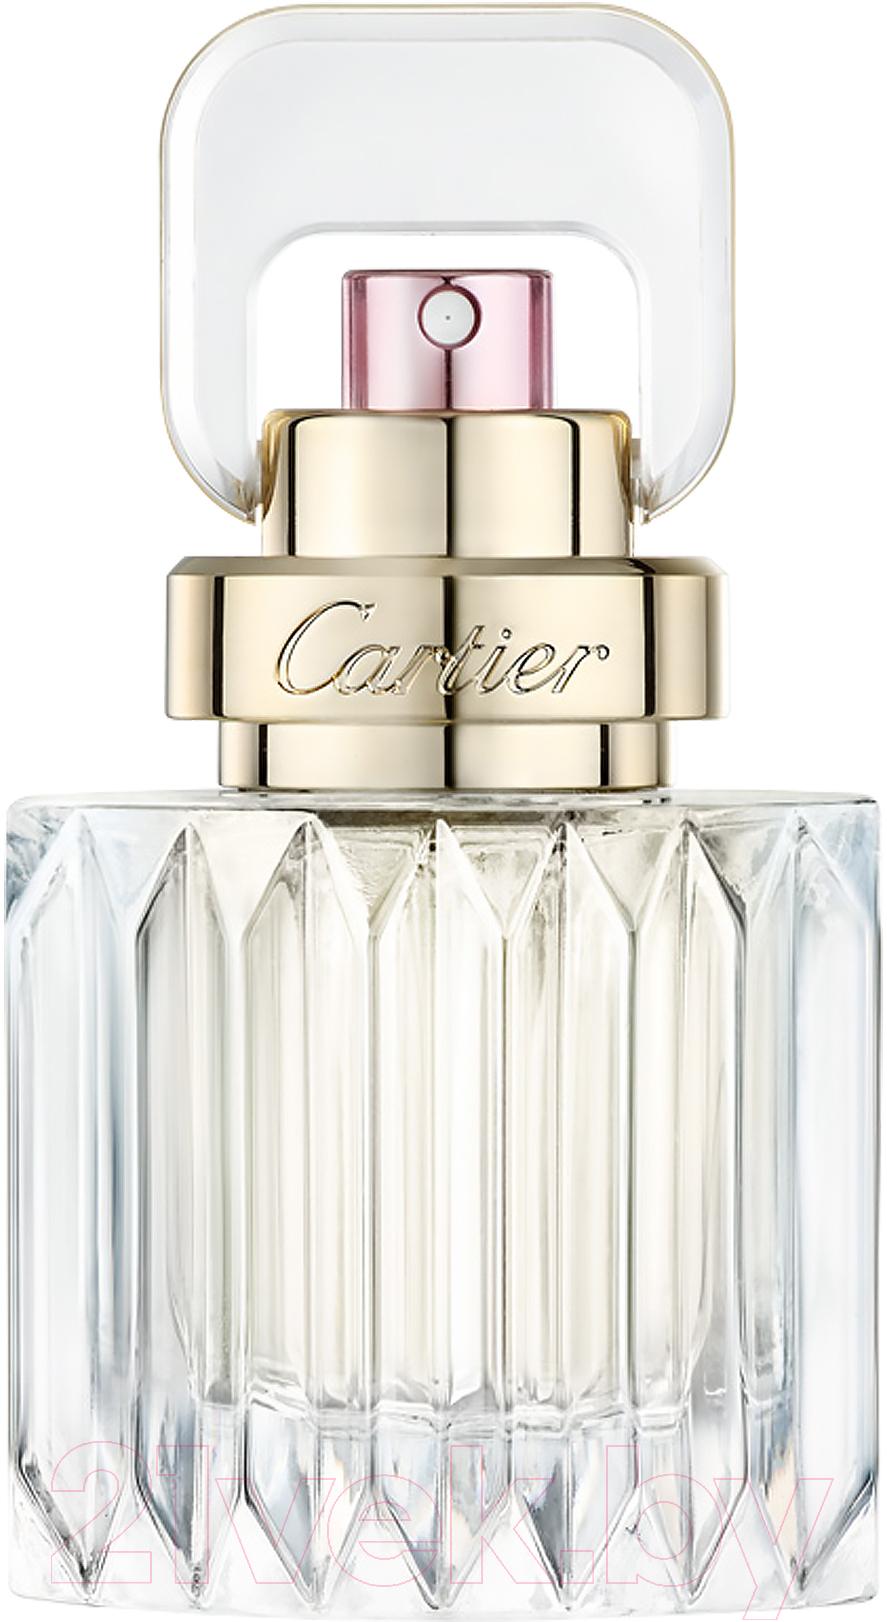 Купить Парфюмерная вода Cartier, Carat (30мл), Франция